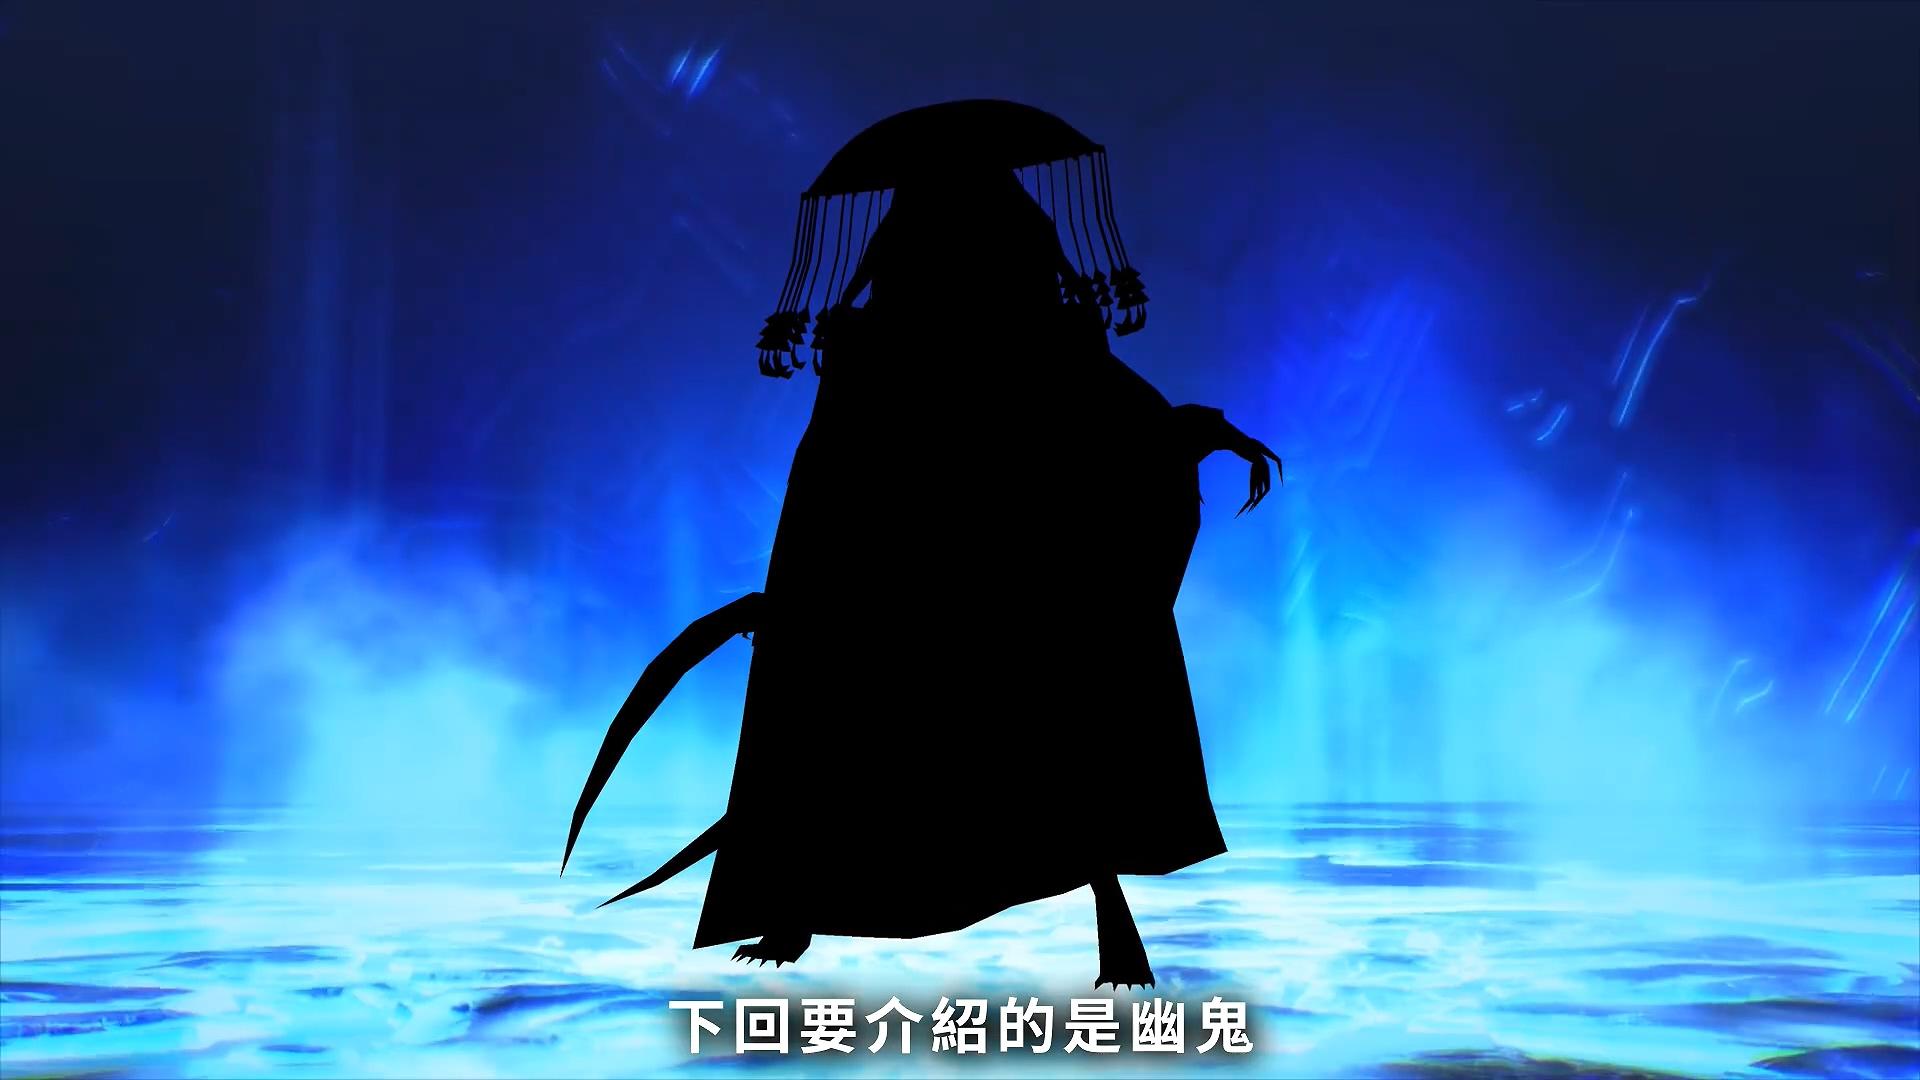 《真女神转生5》每日恶魔介绍:堕天使兼复仇魔神亚略